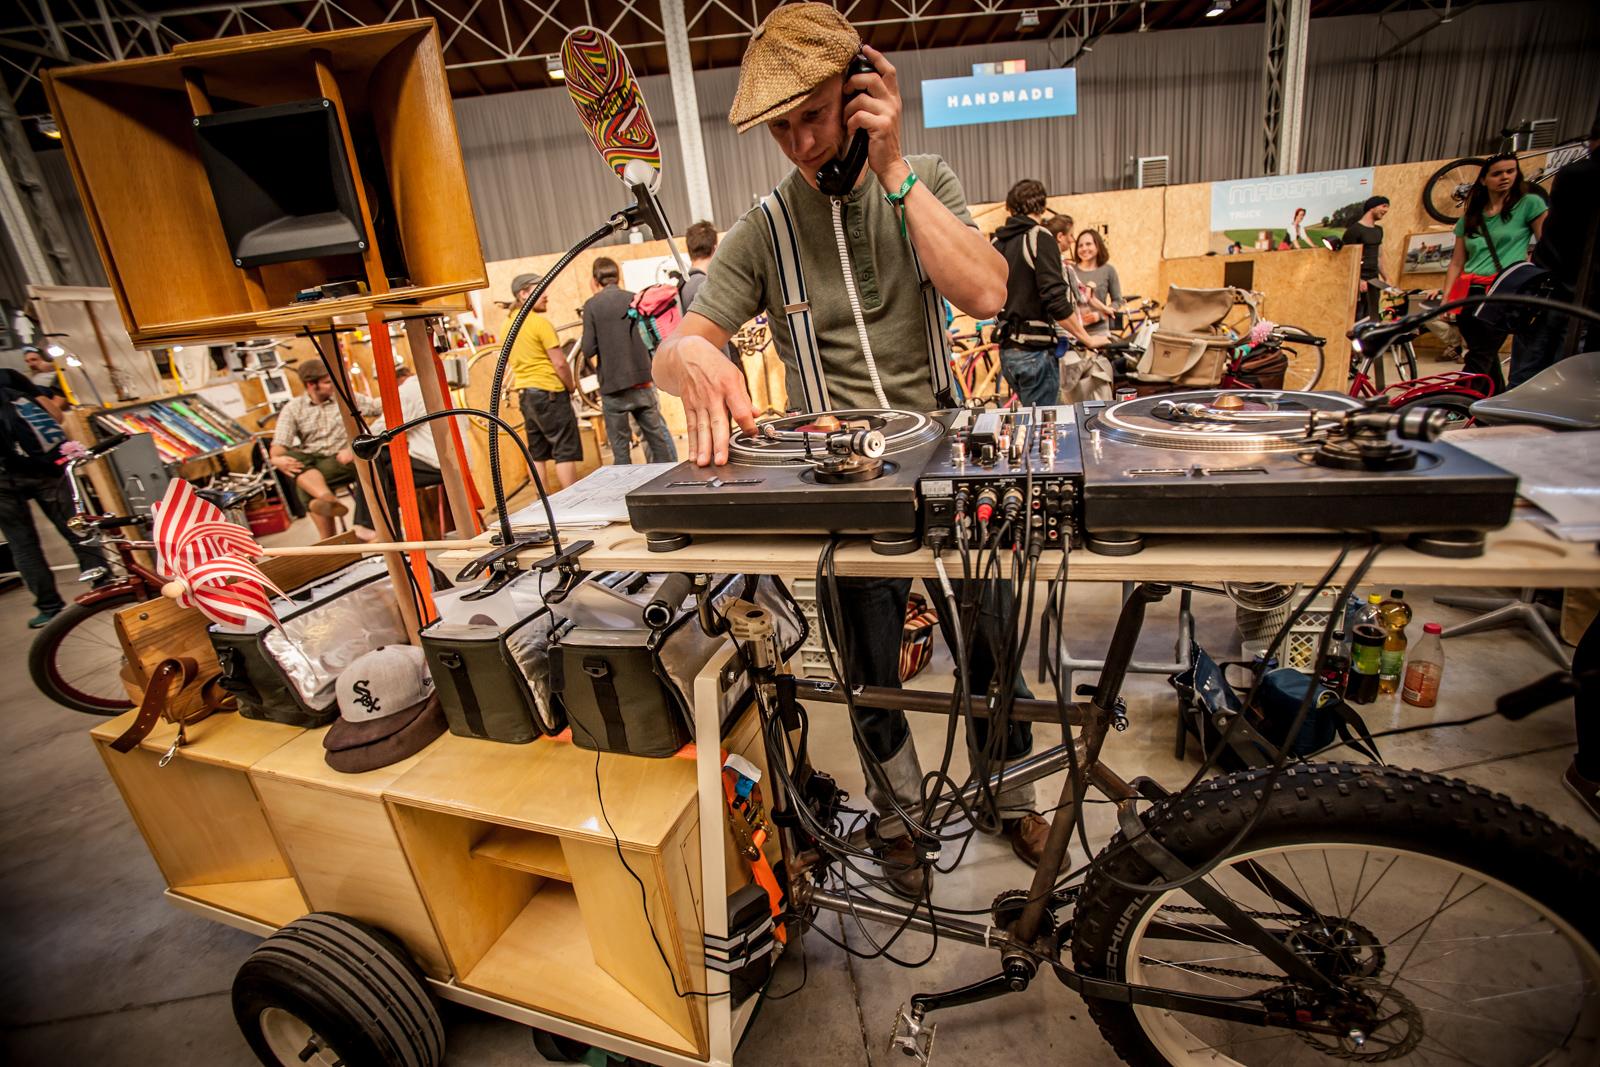 Das ist Frank Patitz, und er bedient seine Turntables auf einem Retrovelo Soundsystem. Nur ein Beispiel von vielen Individualanfertigungen, welche die Nostalgie-Fans aus Leipzig für ihre Kunden realisieren - wenn sie nicht gerade einen Charleston aufs Parkett legen ...